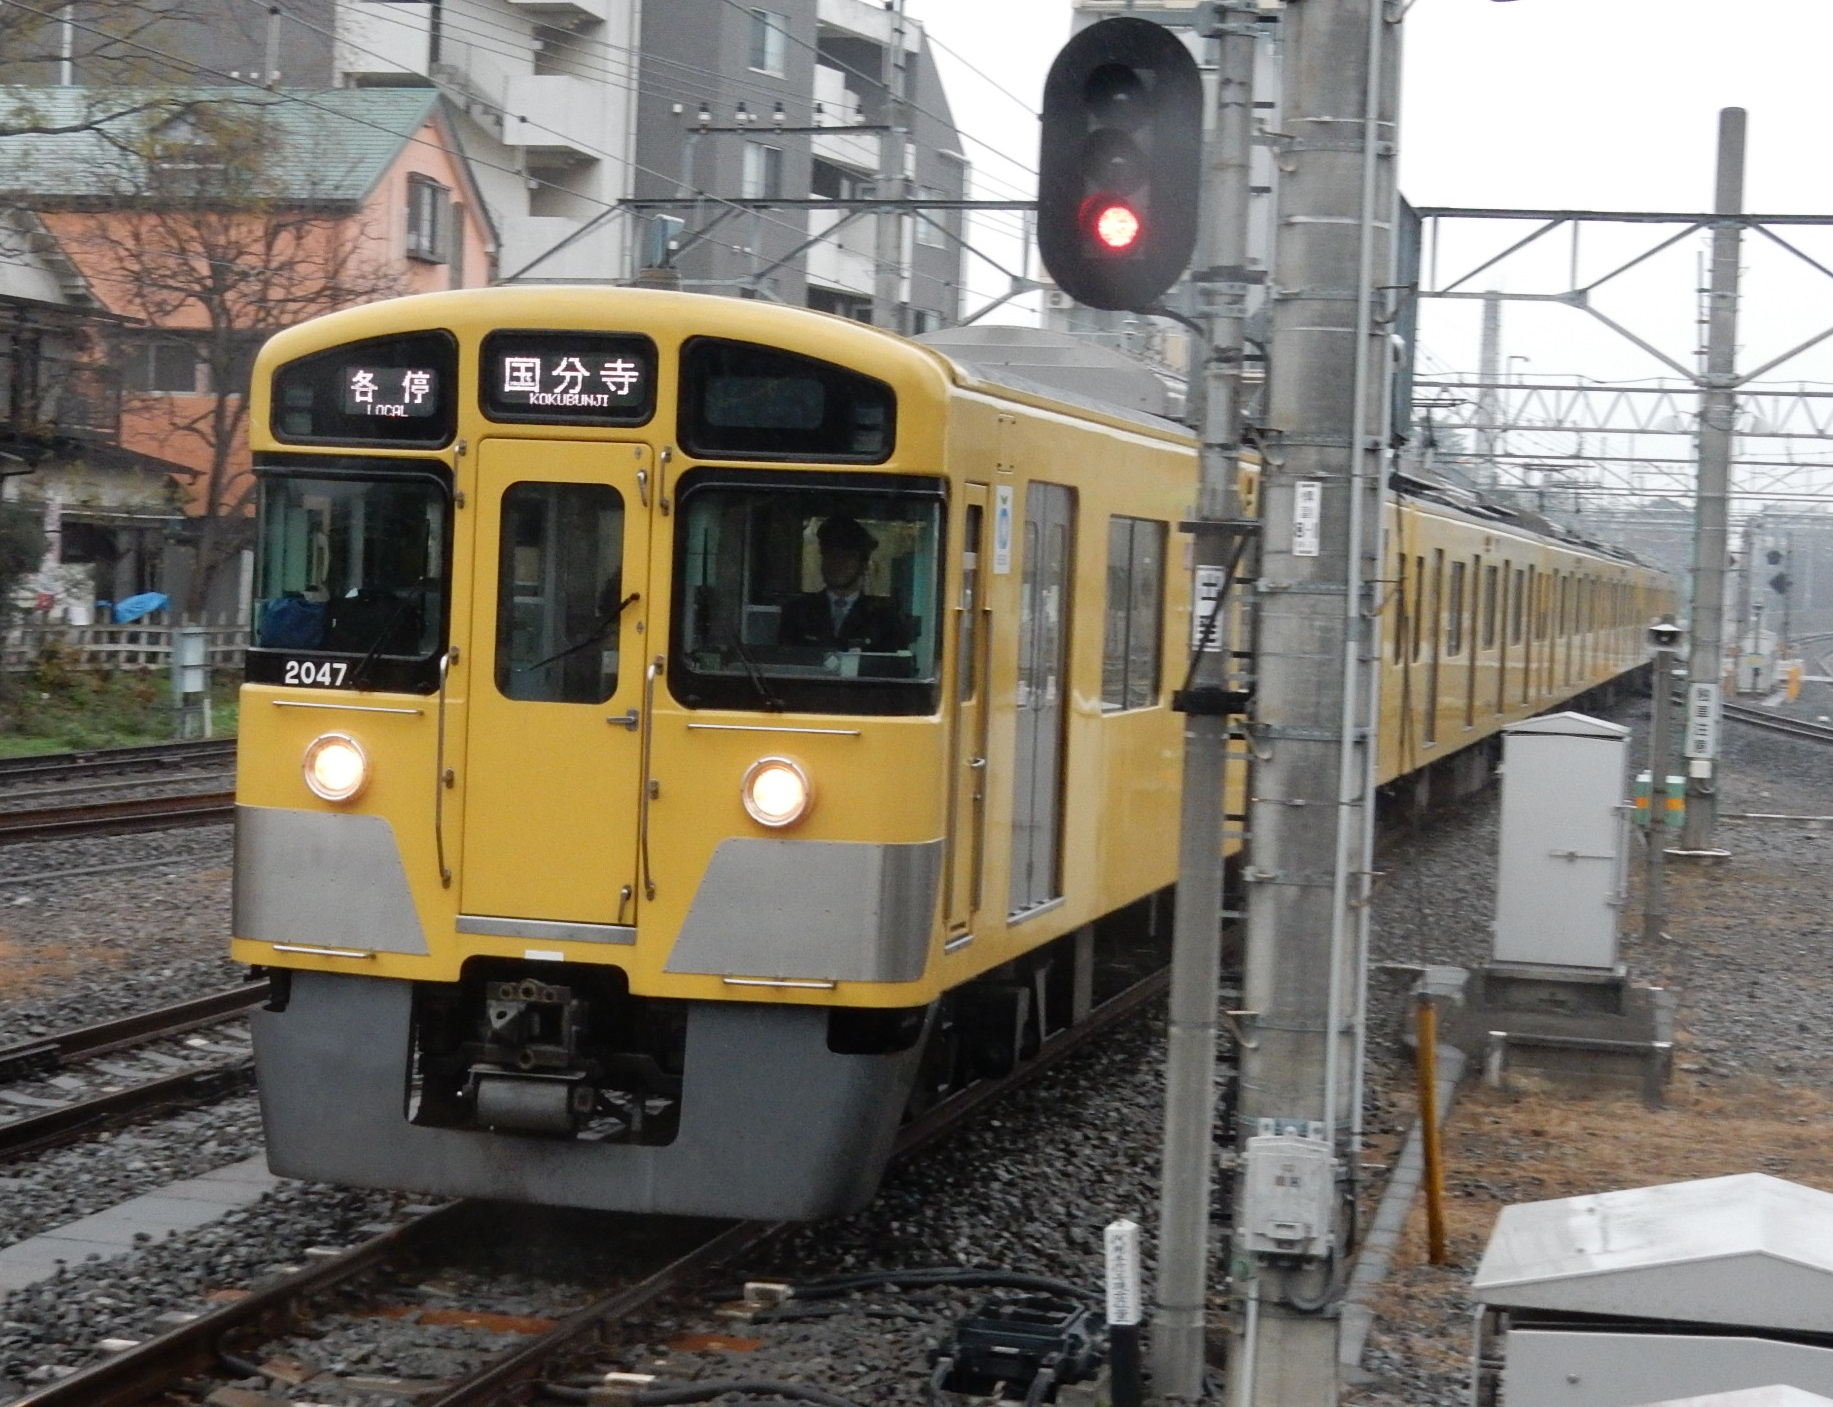 DSCN9528.jpg